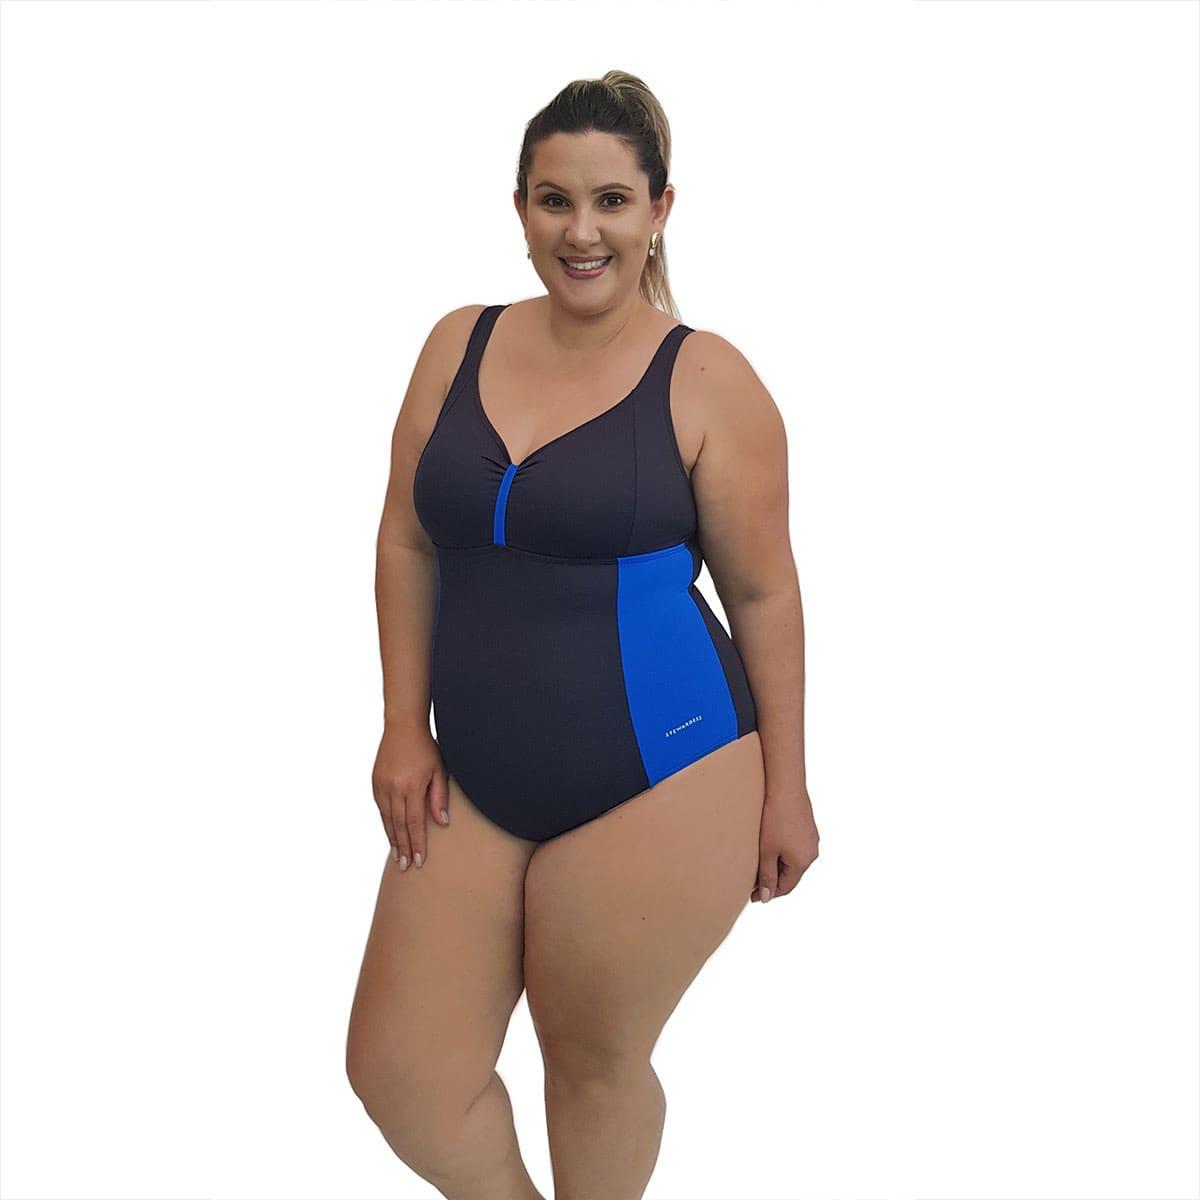 Maiô Natação Plus Size com Sustentação Light UV 50+ Preto com Detalhe em Azul Bic